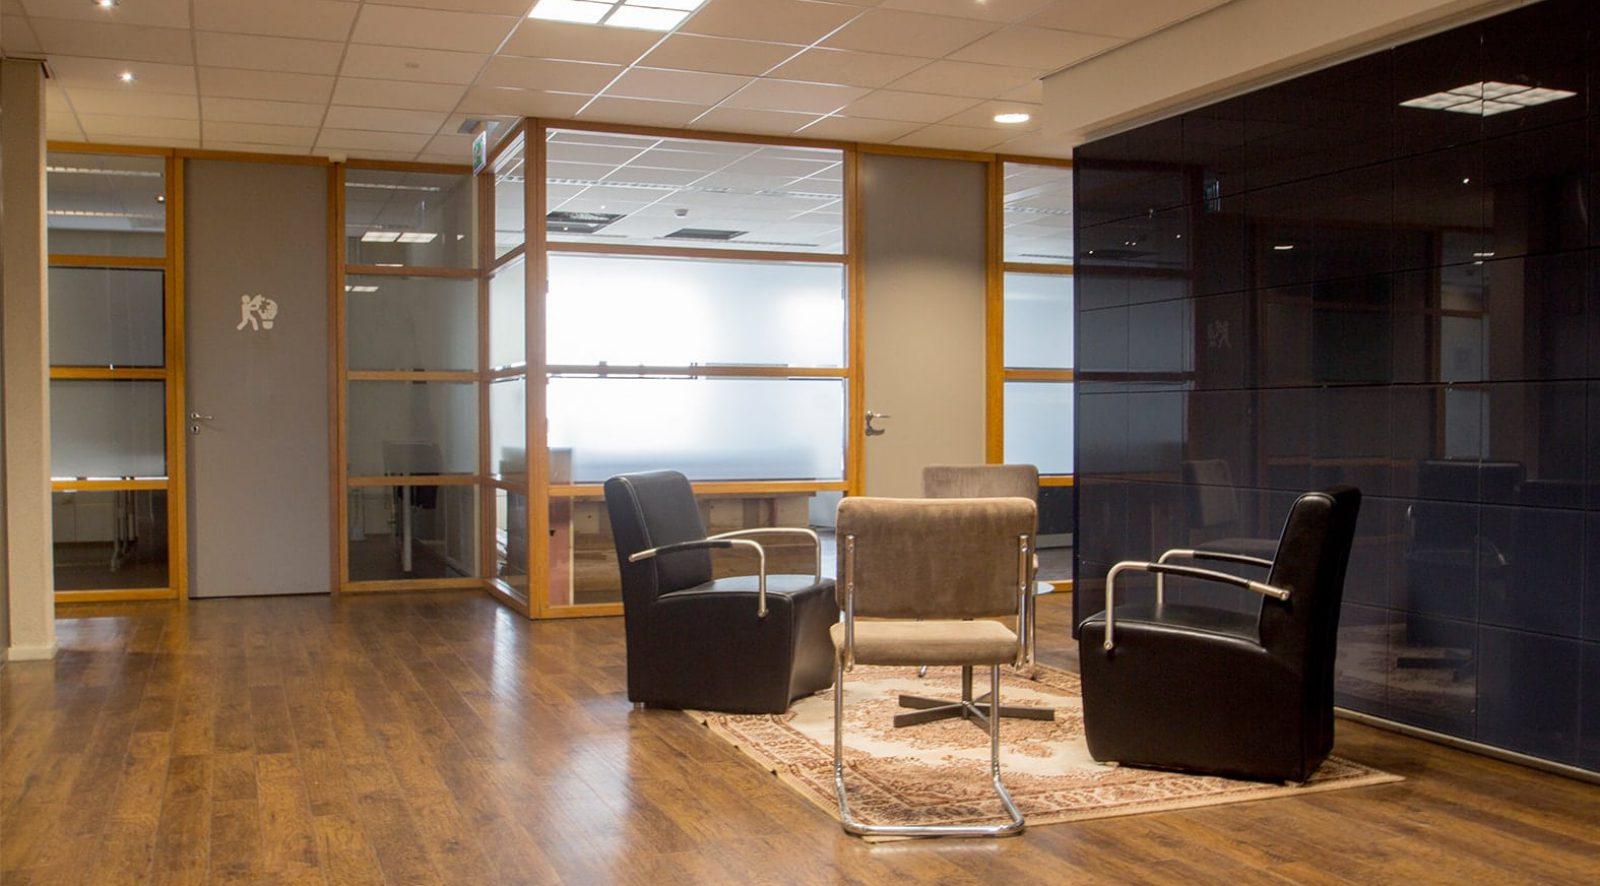 Kantoorruimte huren in Aalsmeer   Studio's Aalsmeer   Crown Business Center Aalsmeer